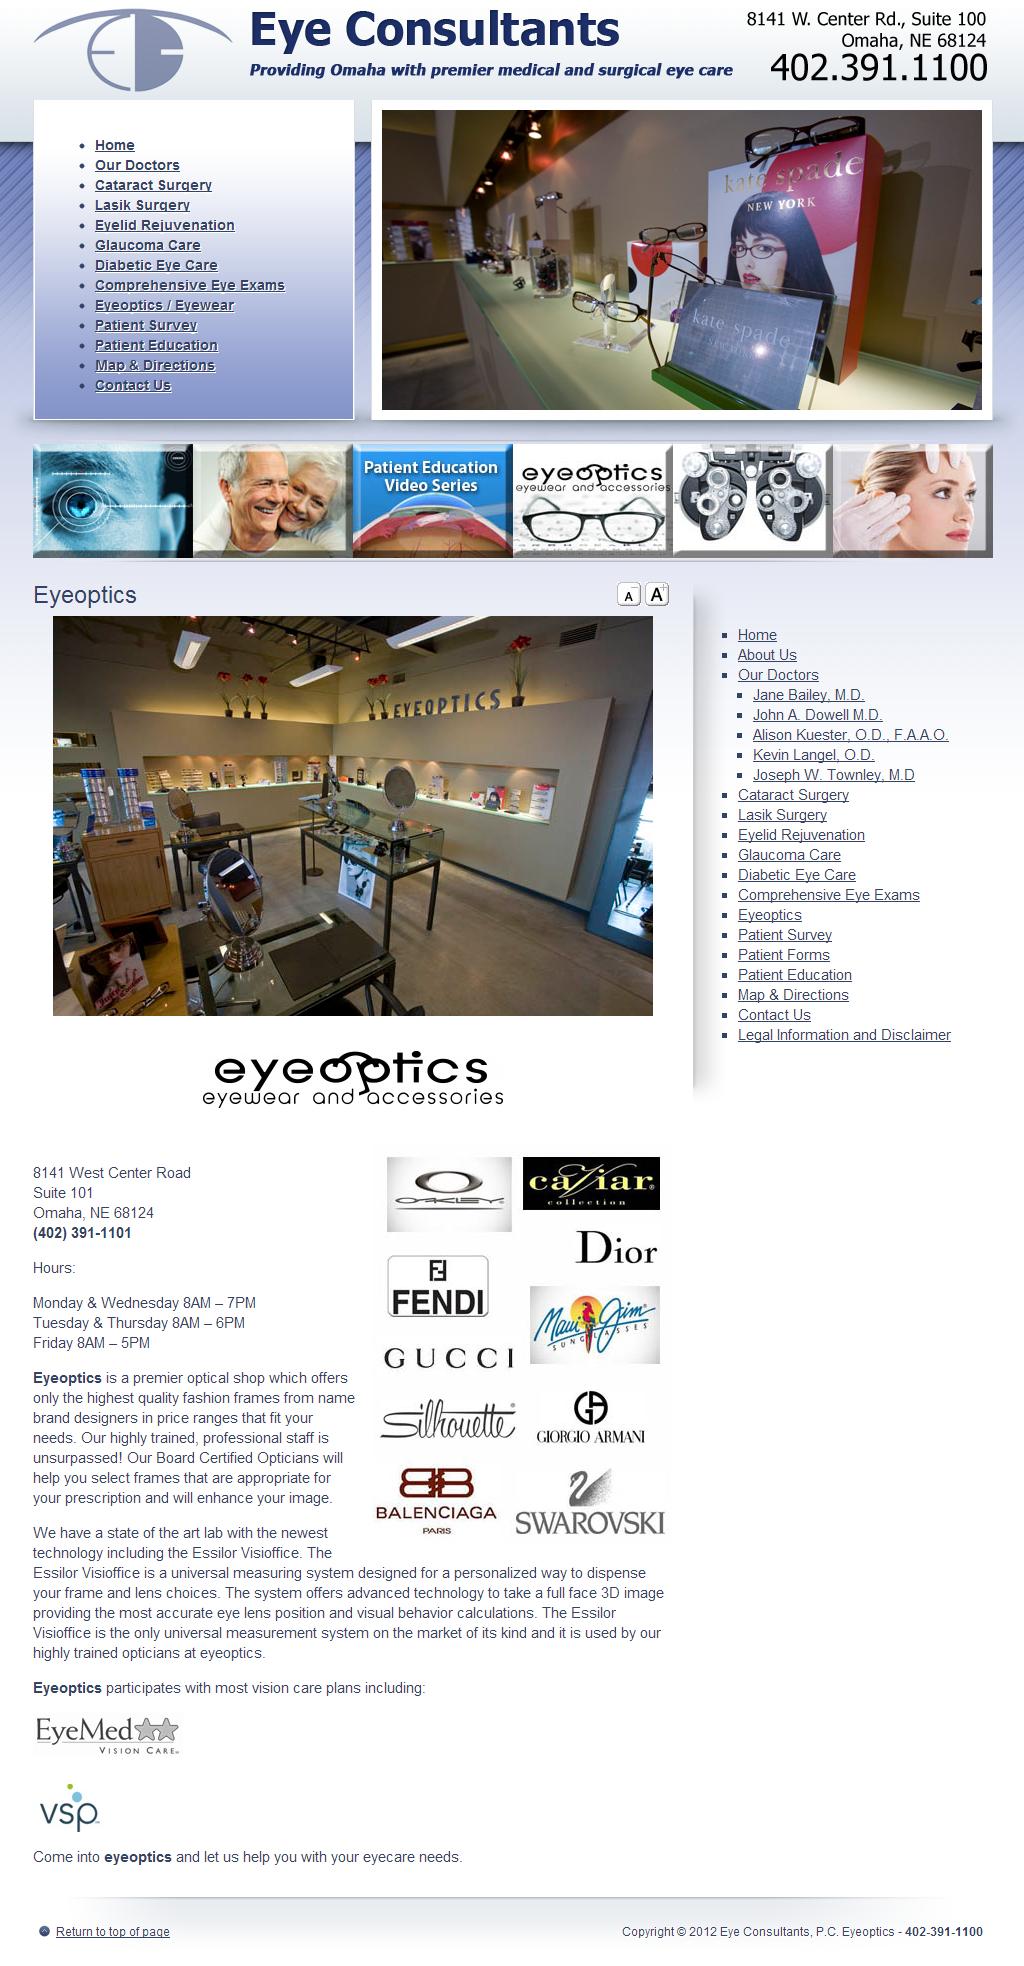 eyeconsultantspc-eyeoptics